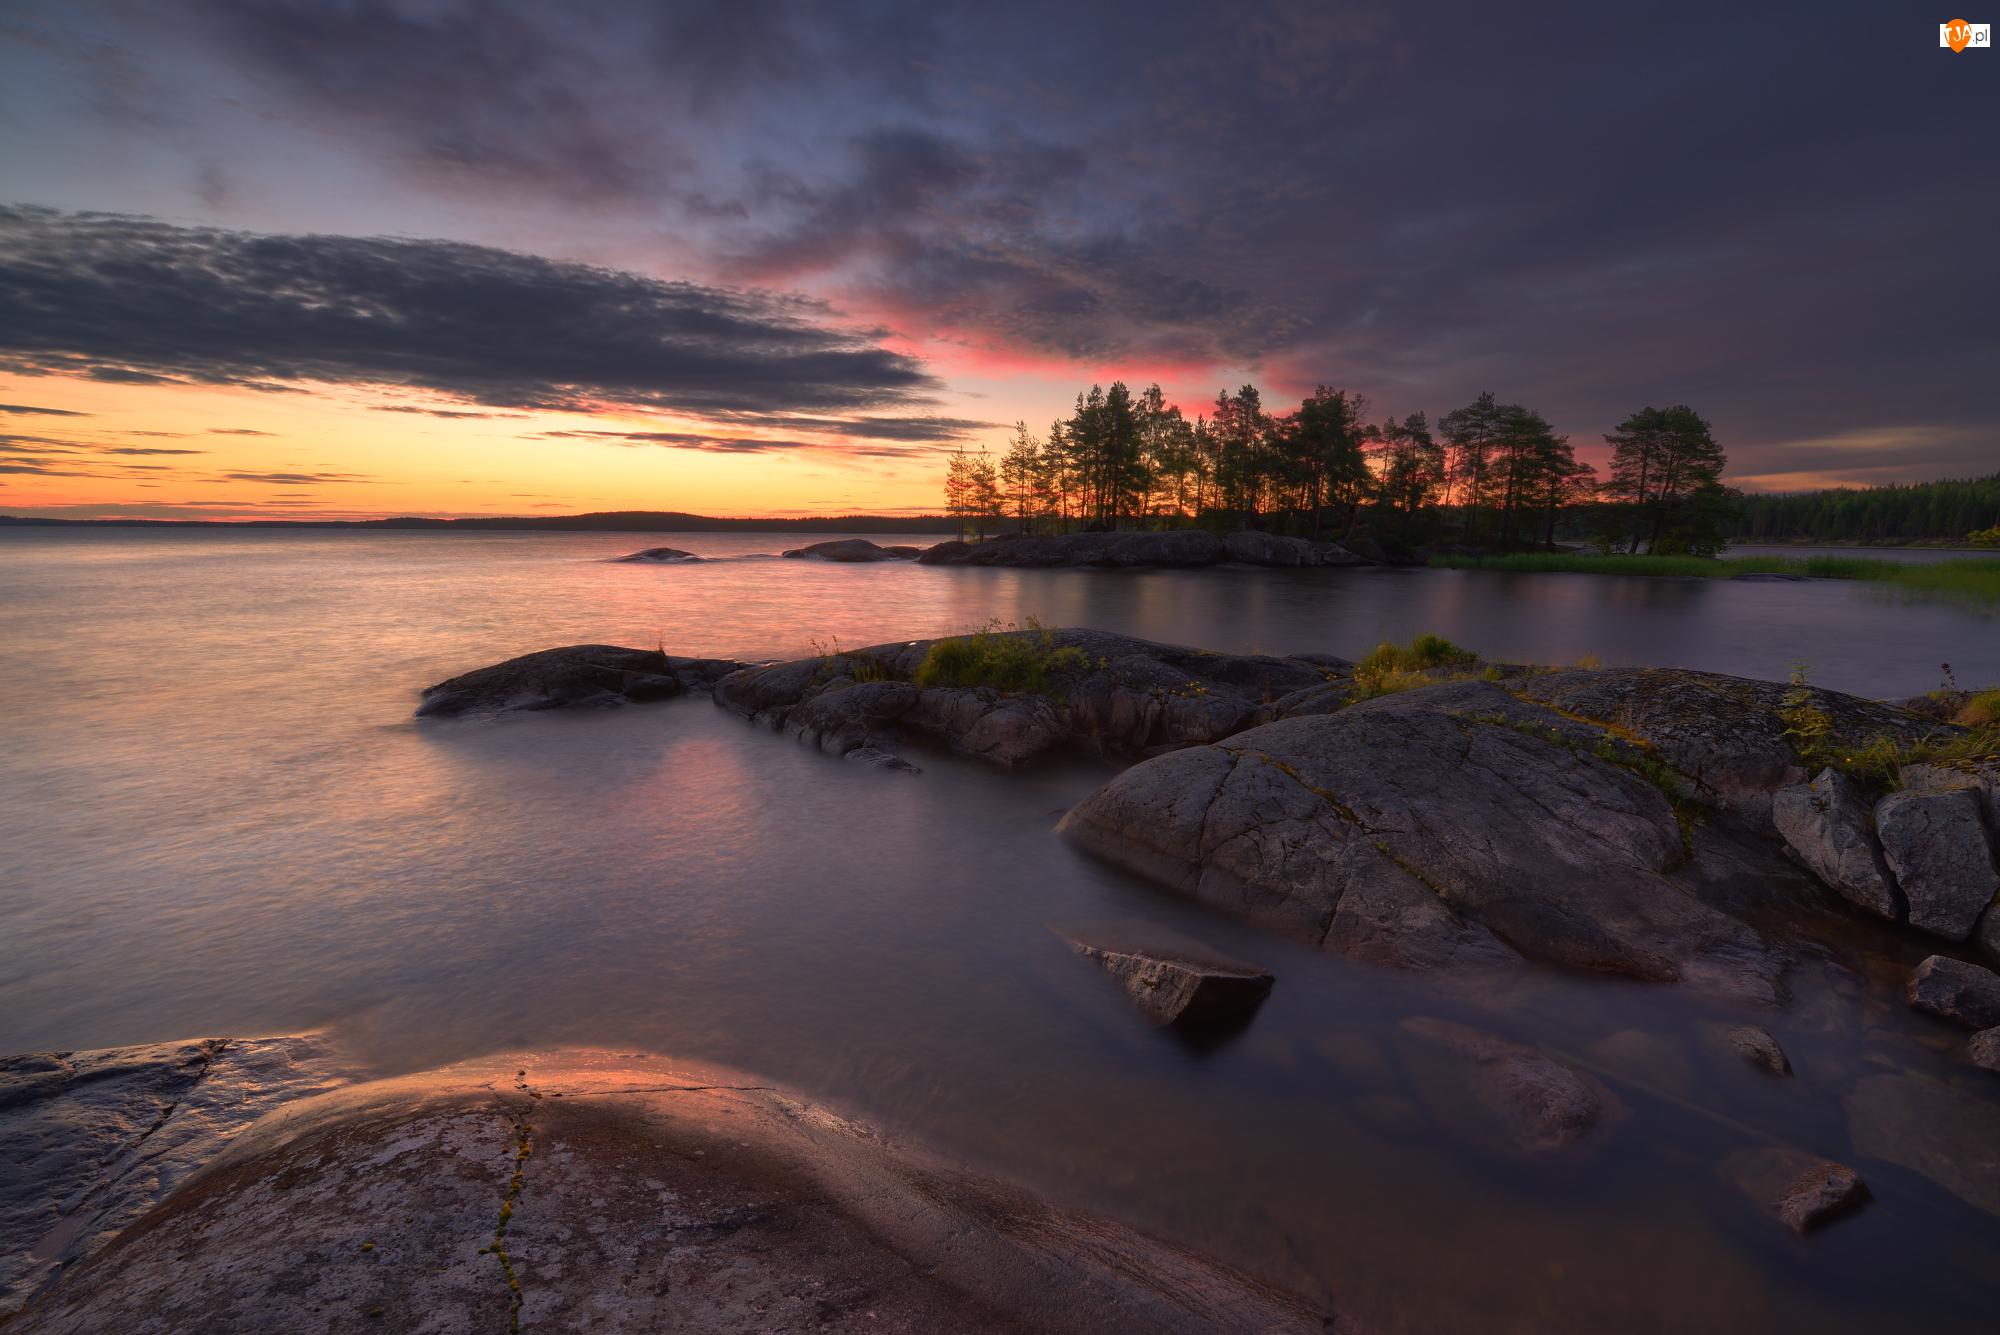 Skały, Drzewa, Rosja, Jezioro Onega, Karelia, Zachód słońca, Chmury